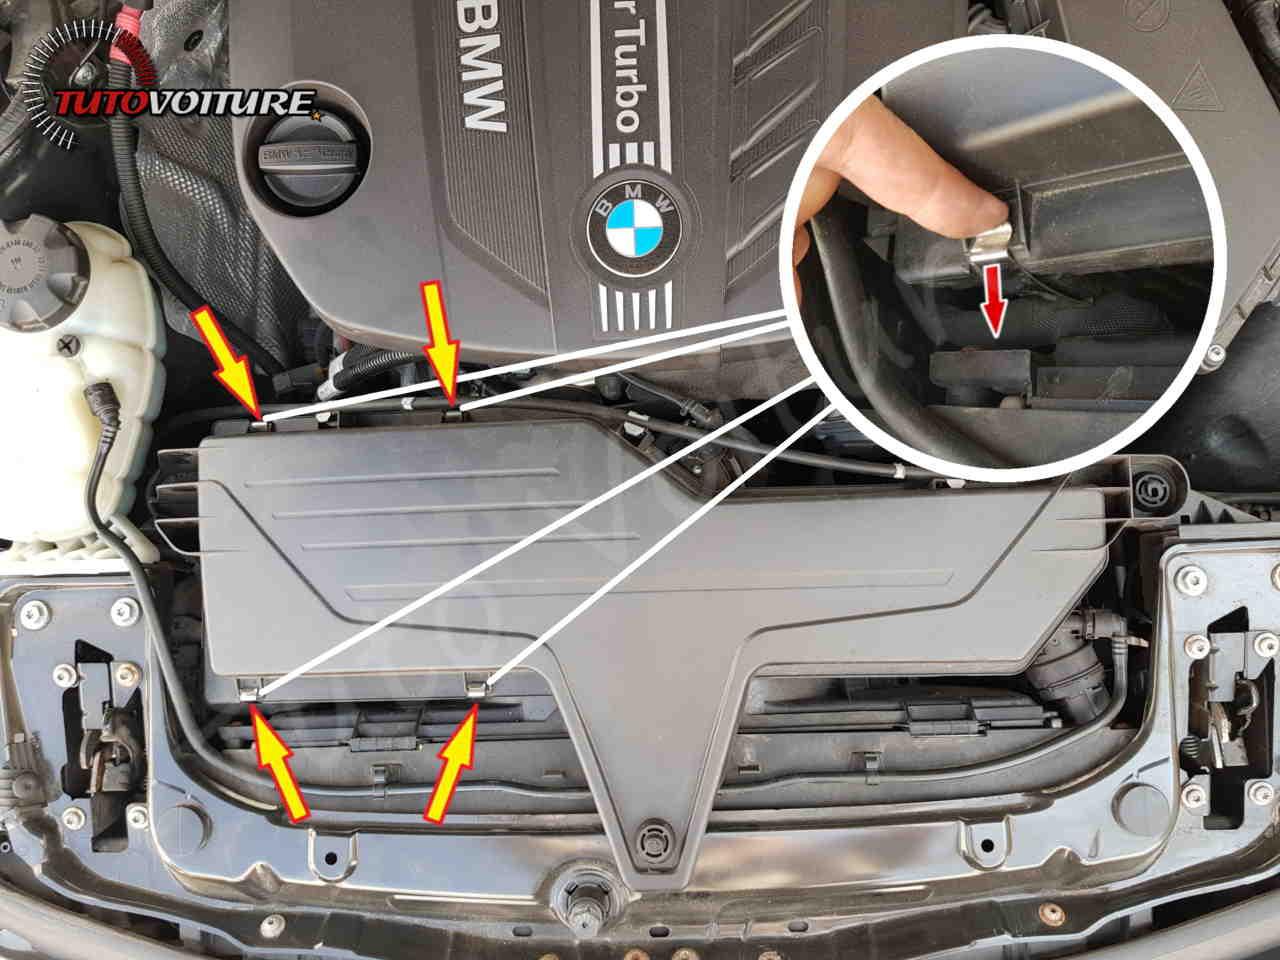 Remplacement du filtre a air bmw serie 3 F30